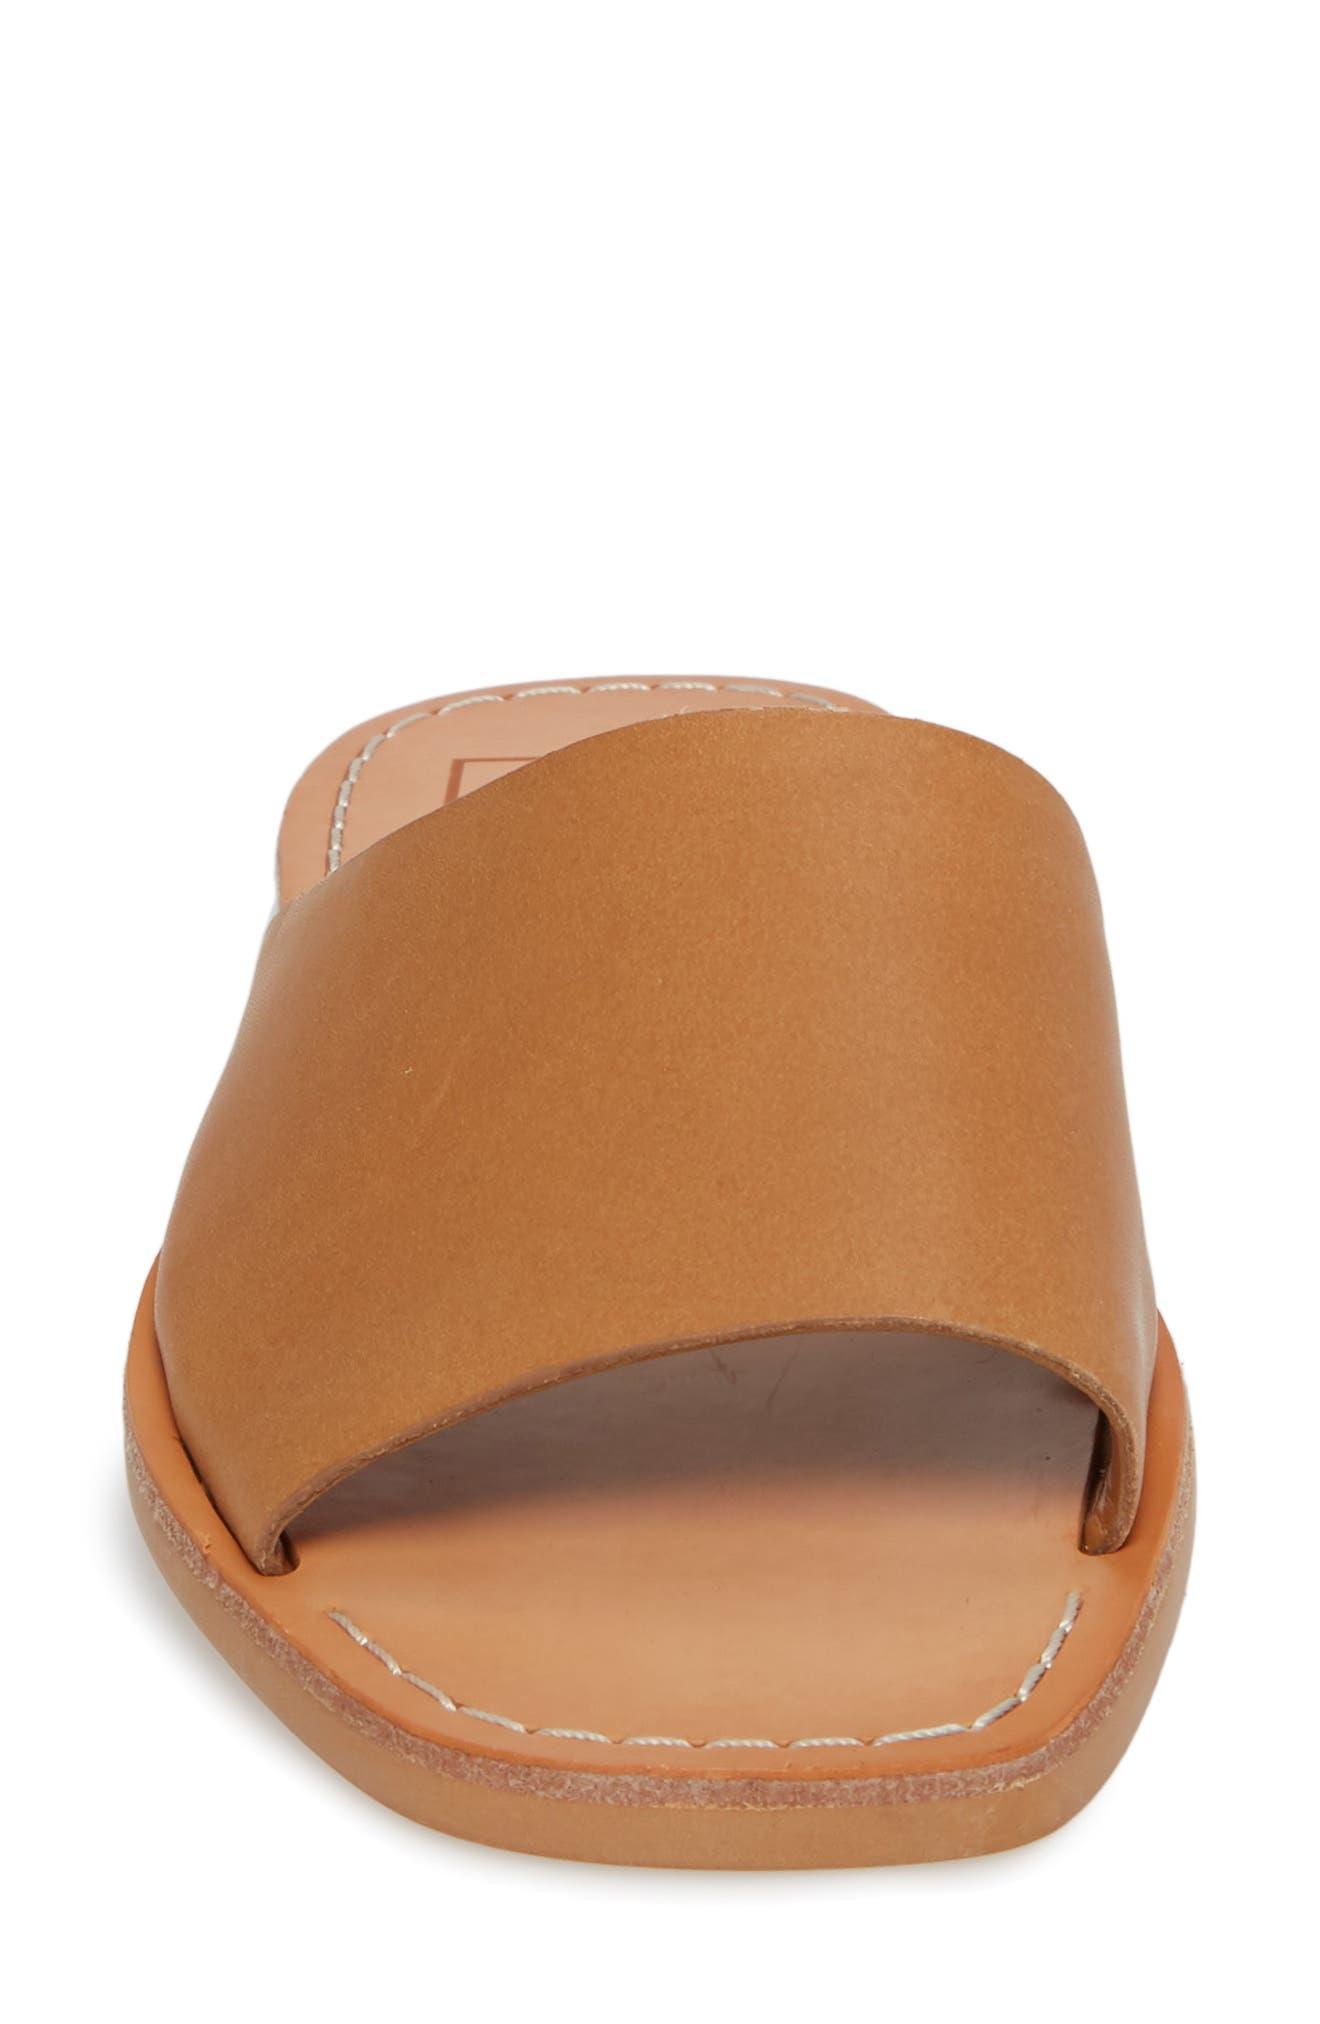 Cato Asymmetrical Slide Sandal,                             Alternate thumbnail 23, color,